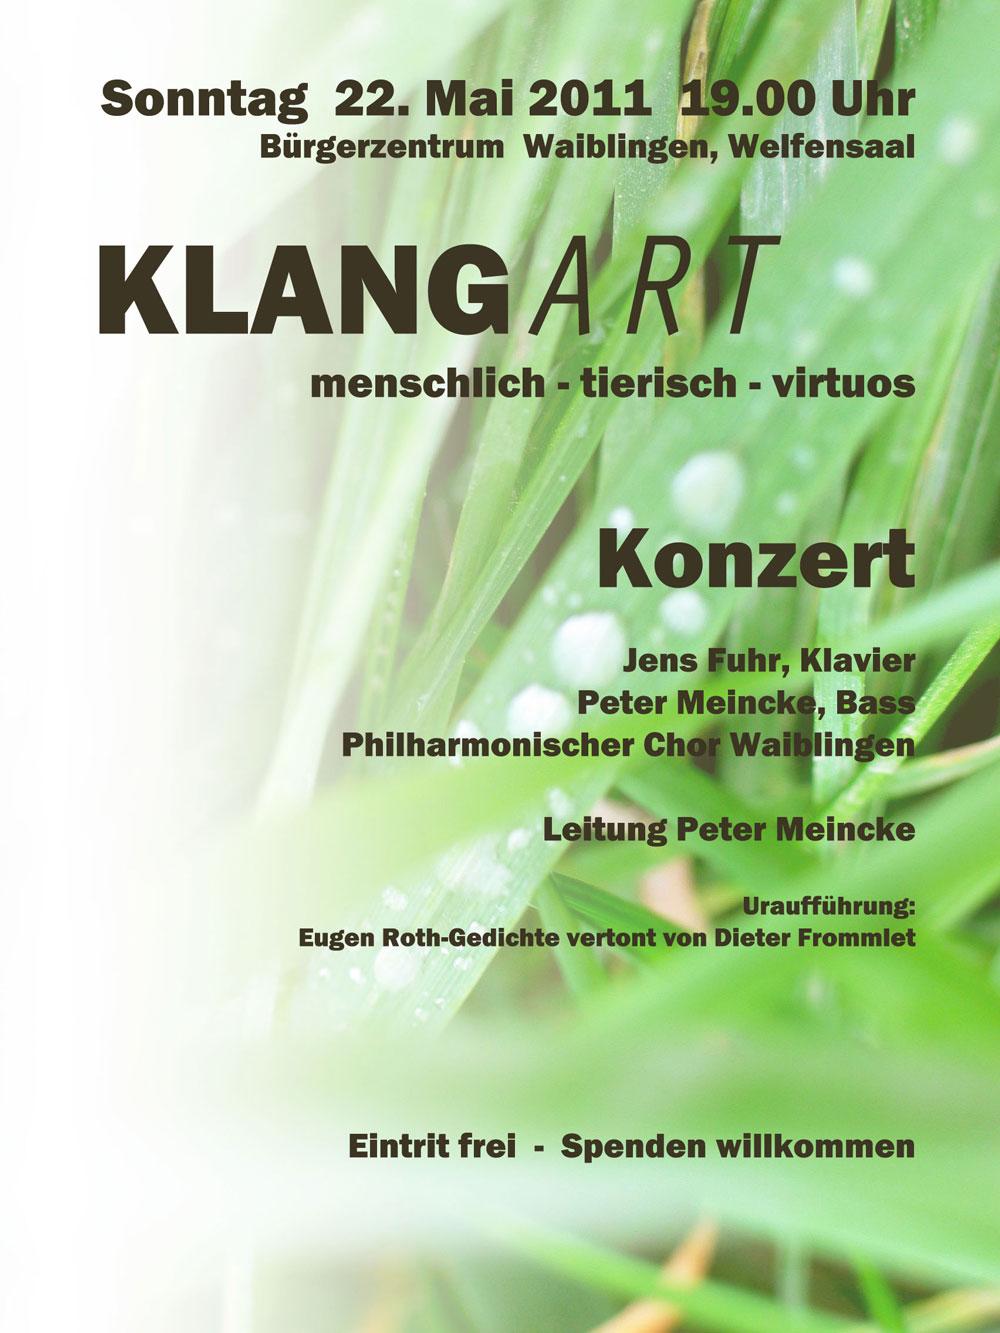 2011 – KlangArt